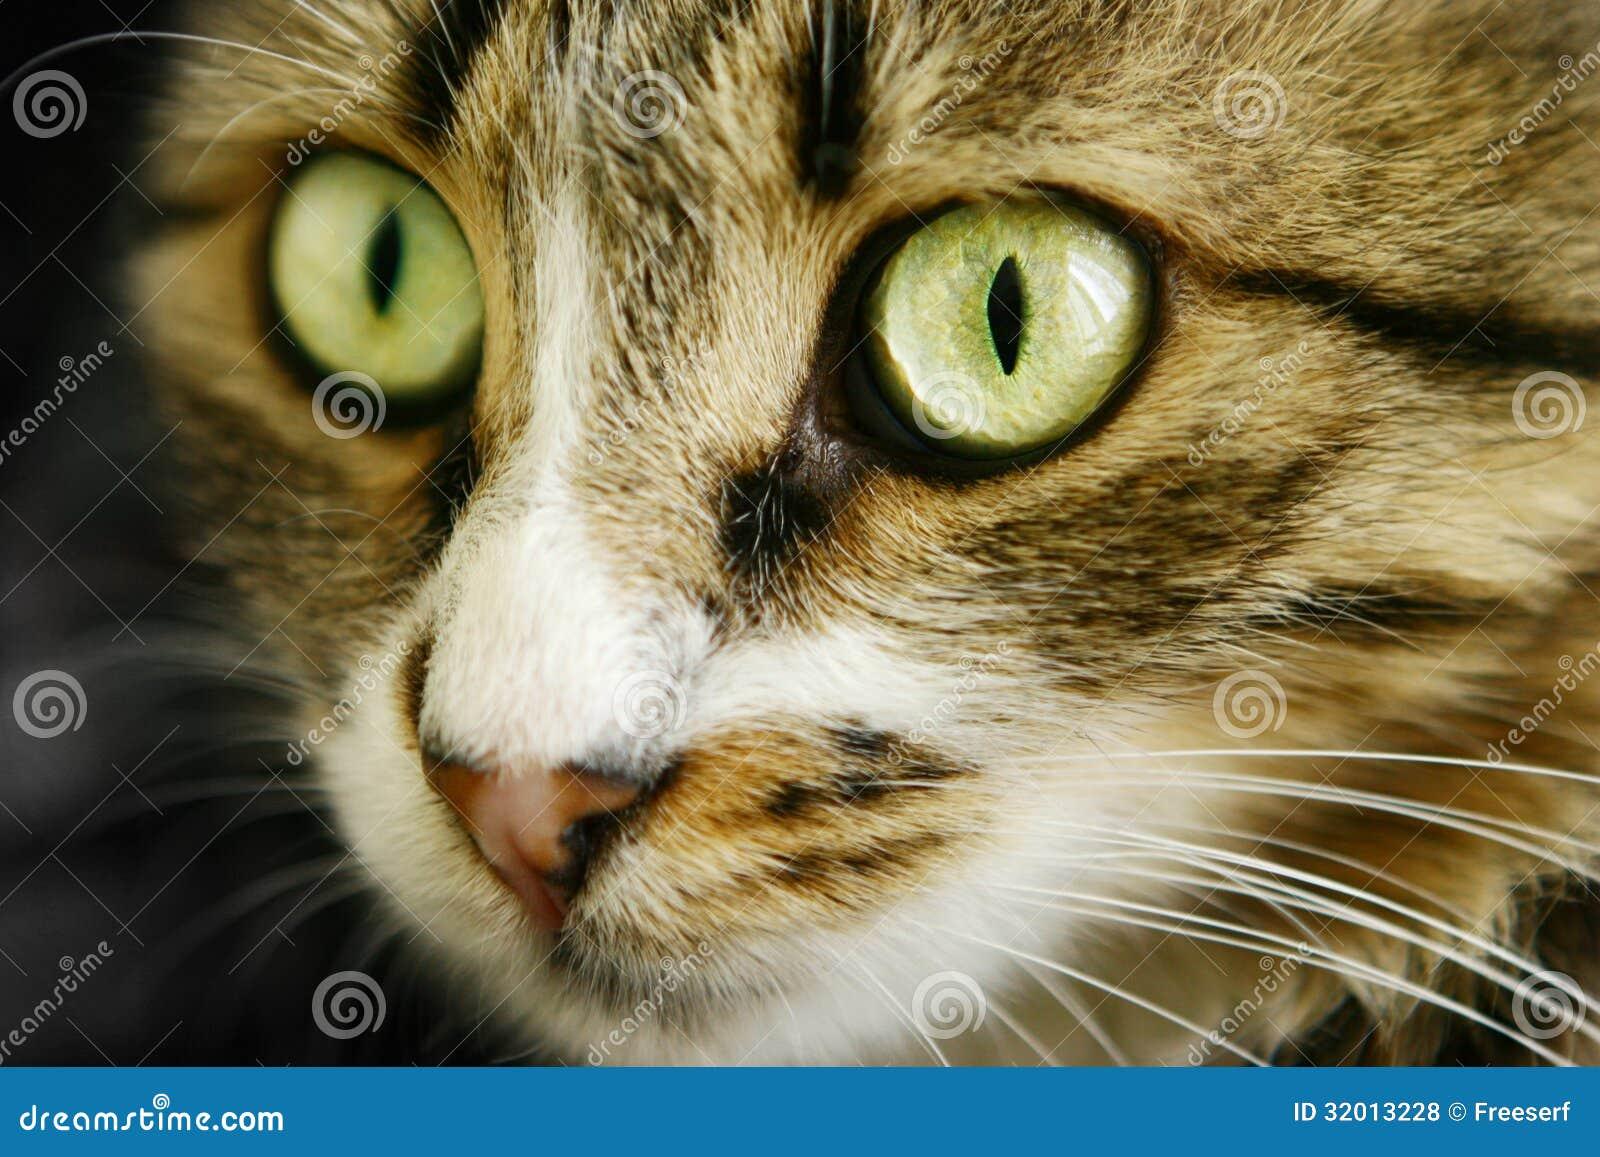 les chats font face avec de beaux yeux photos libres de droits image 32013228. Black Bedroom Furniture Sets. Home Design Ideas